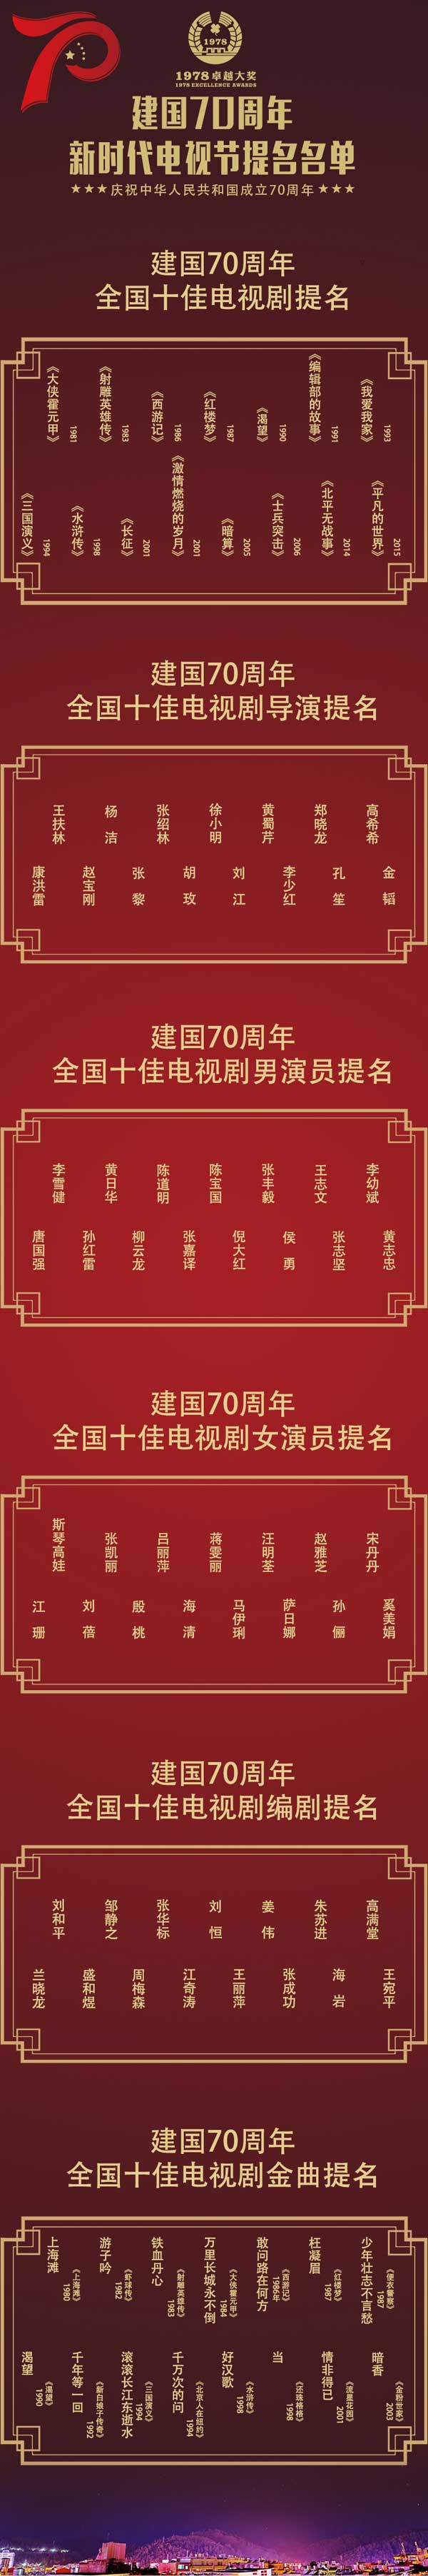 """1978卓越大奖""""新时代电视节提名""""榜单出炉光影流金中国70载岁月"""